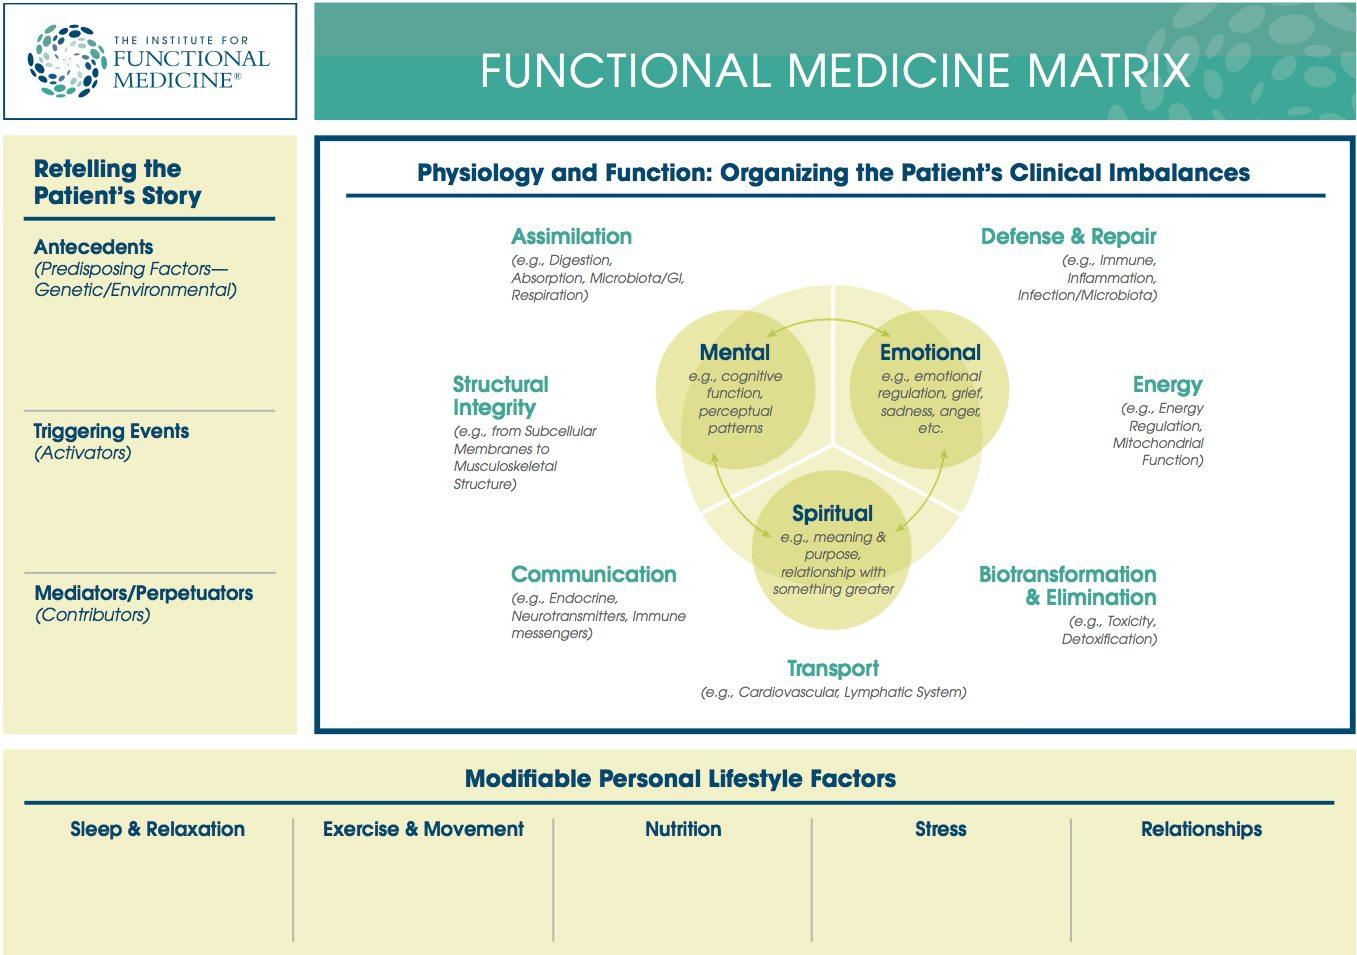 Medicina funcional Matriz de Medicina Funcional